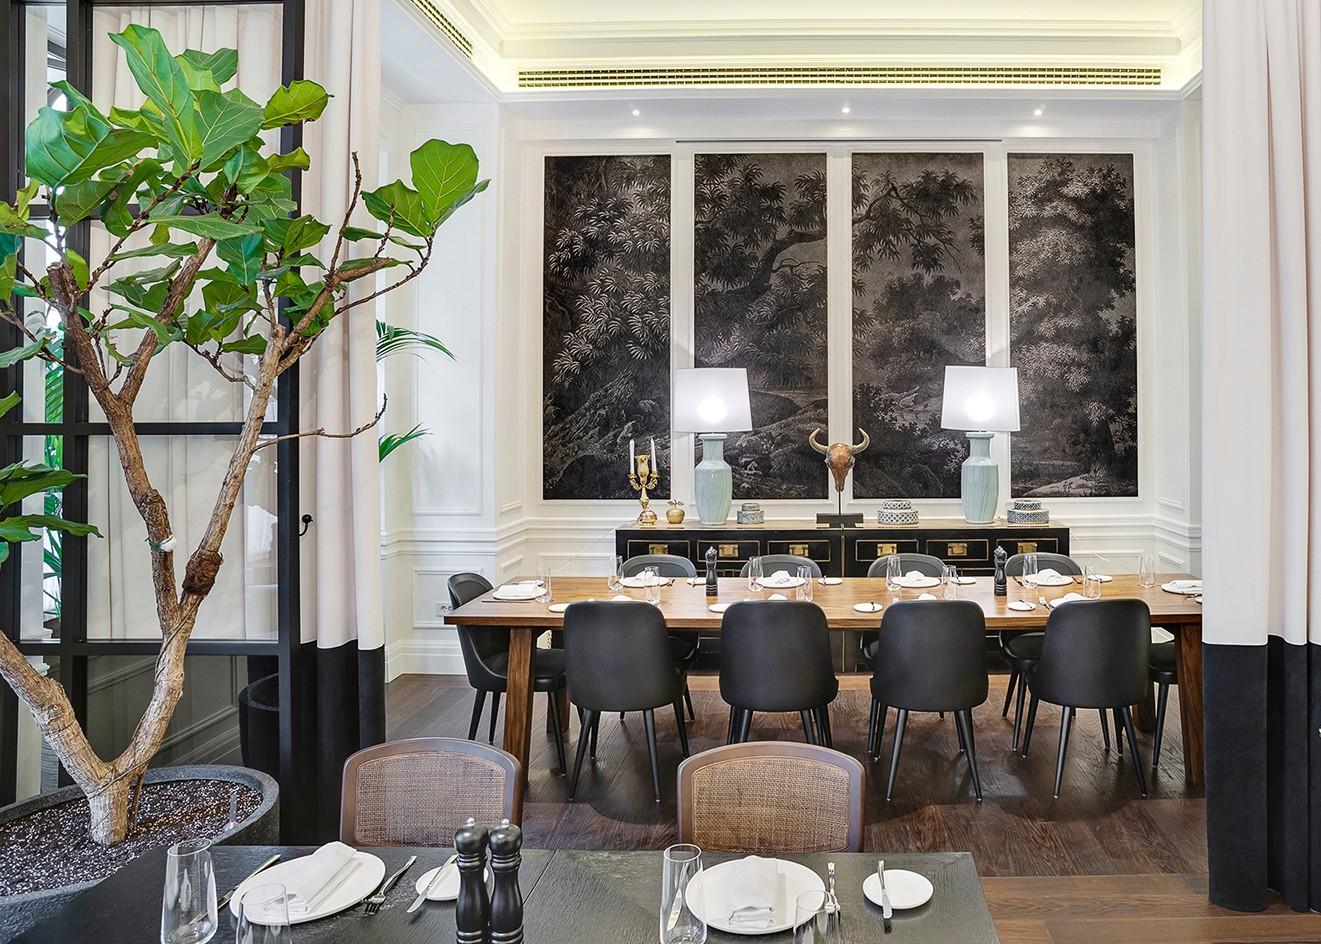 4 зала одного ресторана. Интерьерная фотосъемка